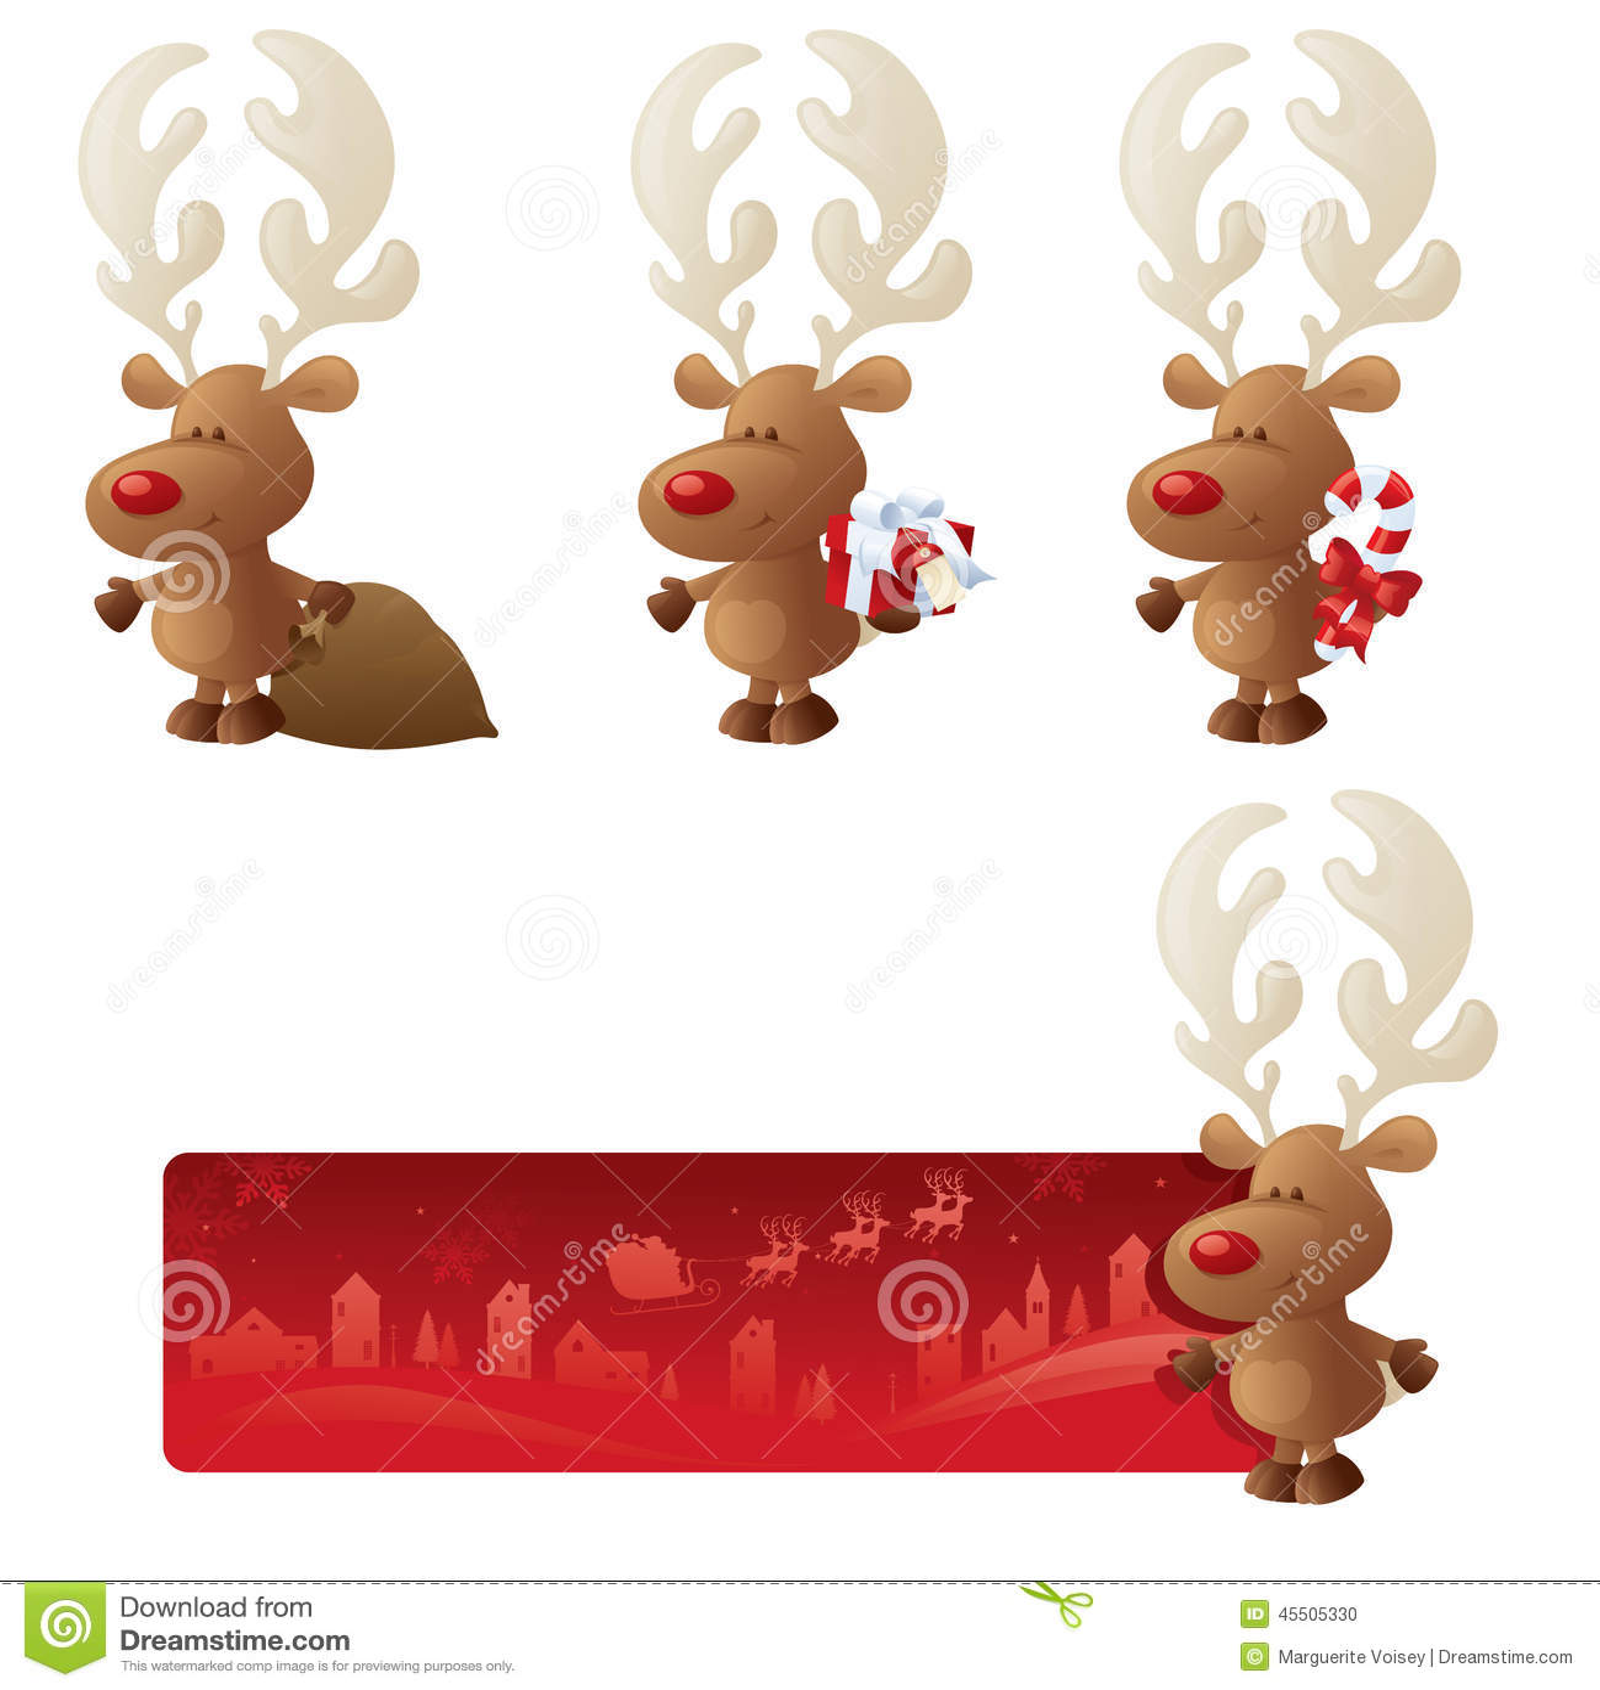 Zaczyna stronę z Rudolph